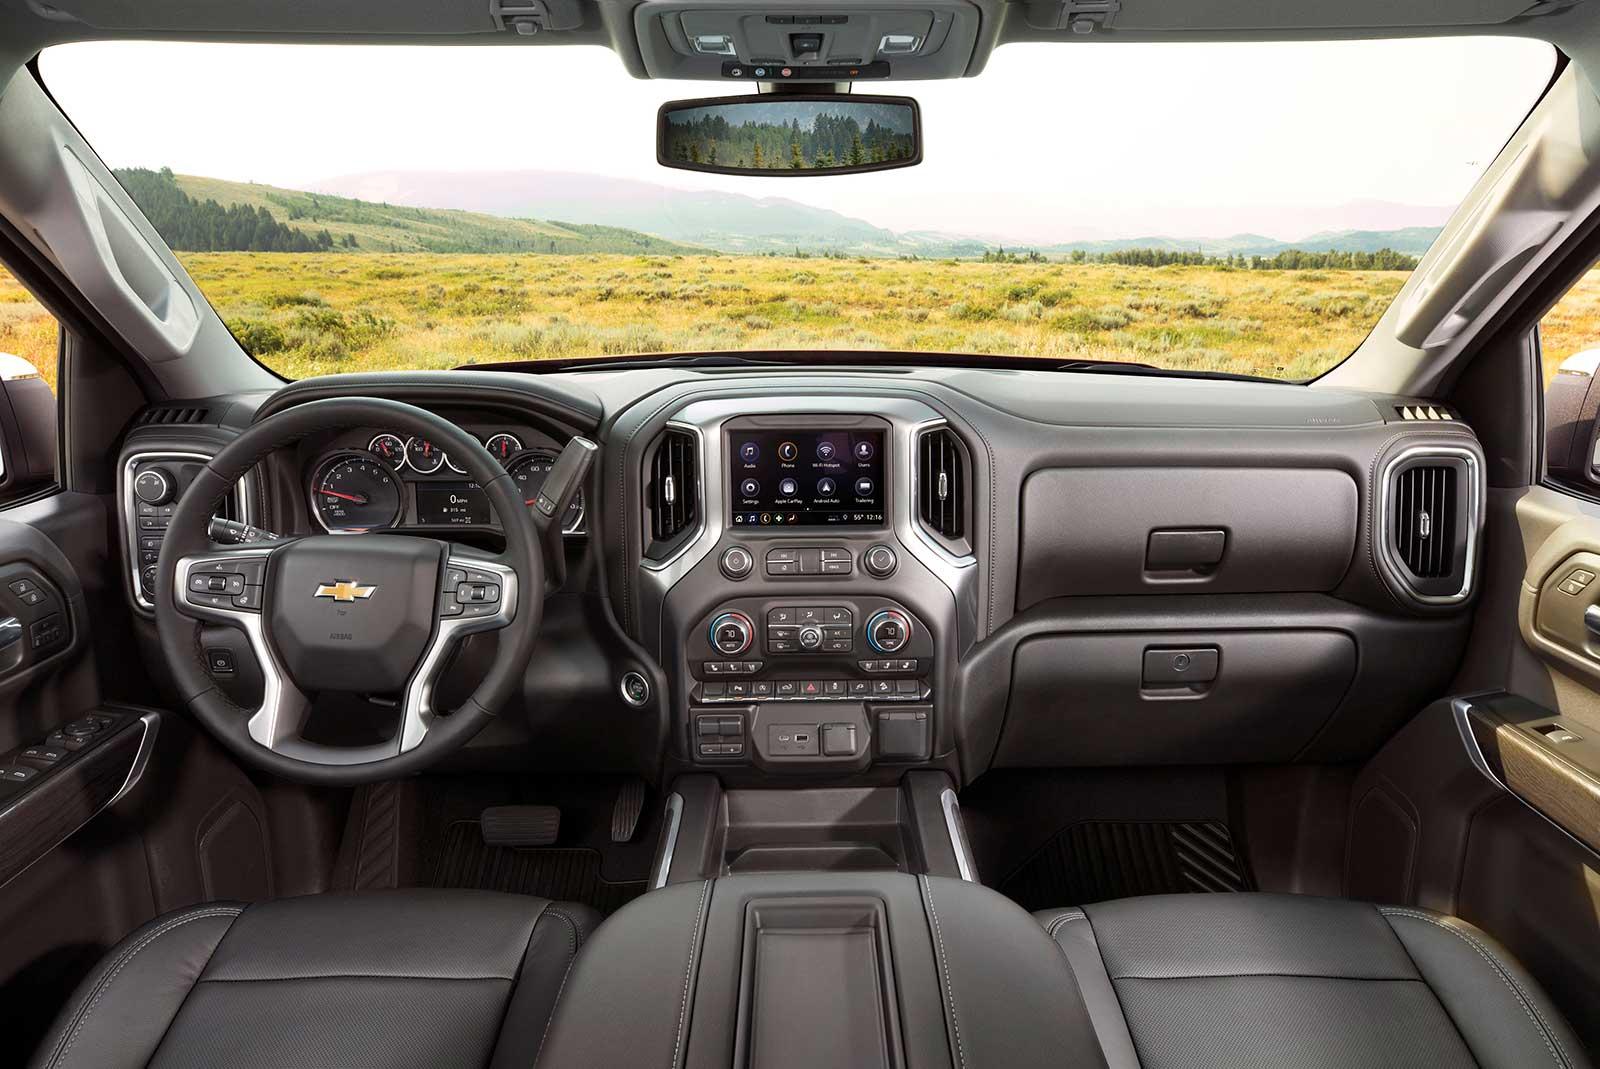 2019 Chevrolet Silverado Review - GM Inside News